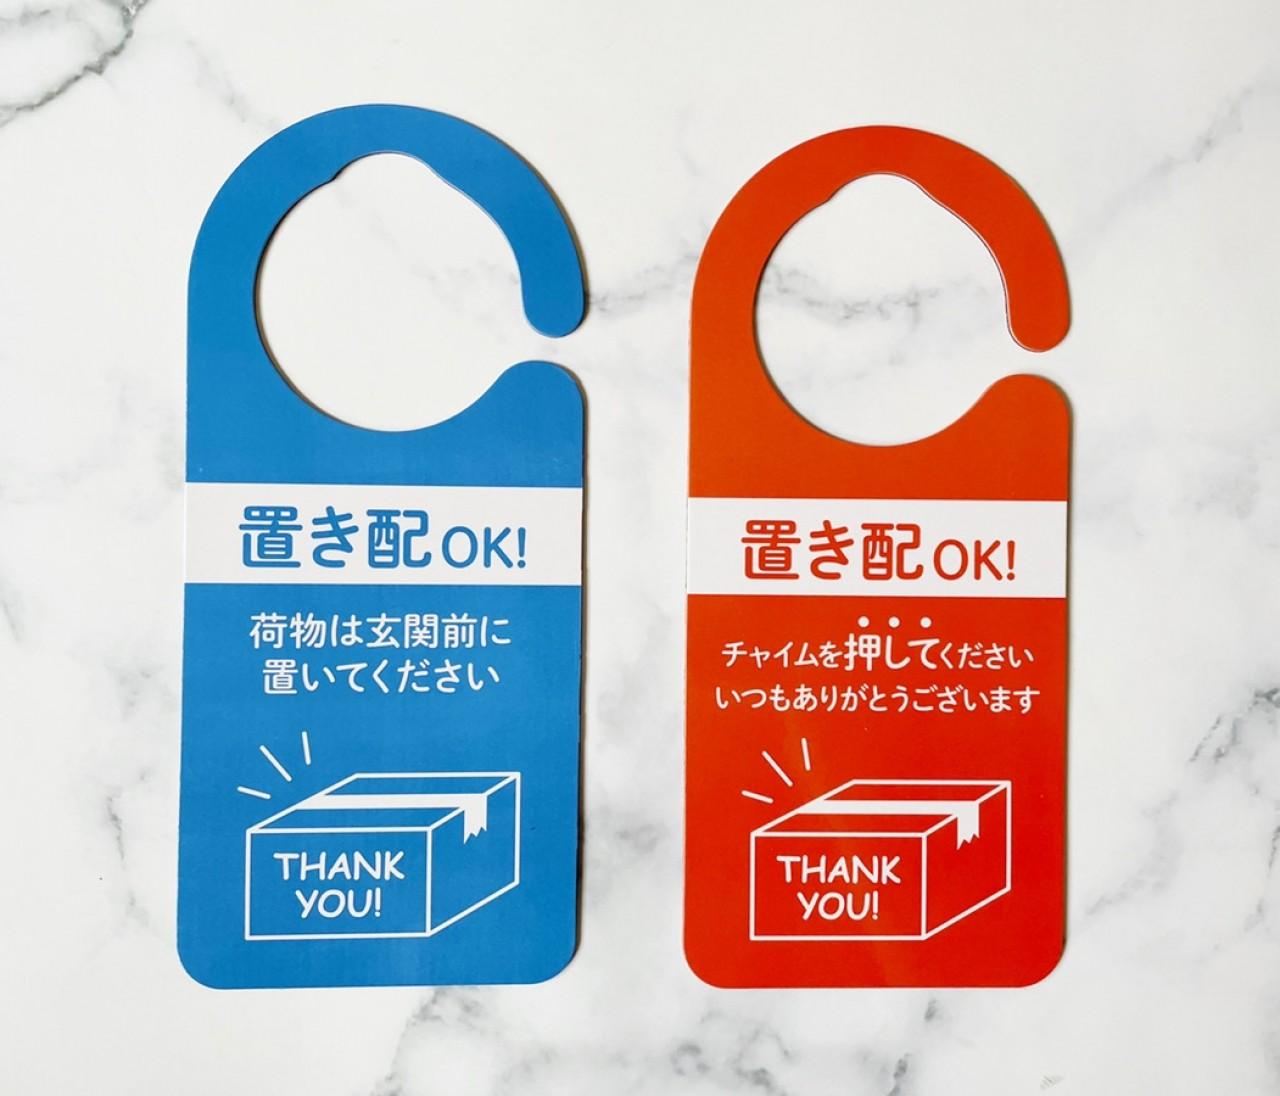 【セリア】新商品「置き配サインプレート」が超便利!リモートワーク中も大活躍♡